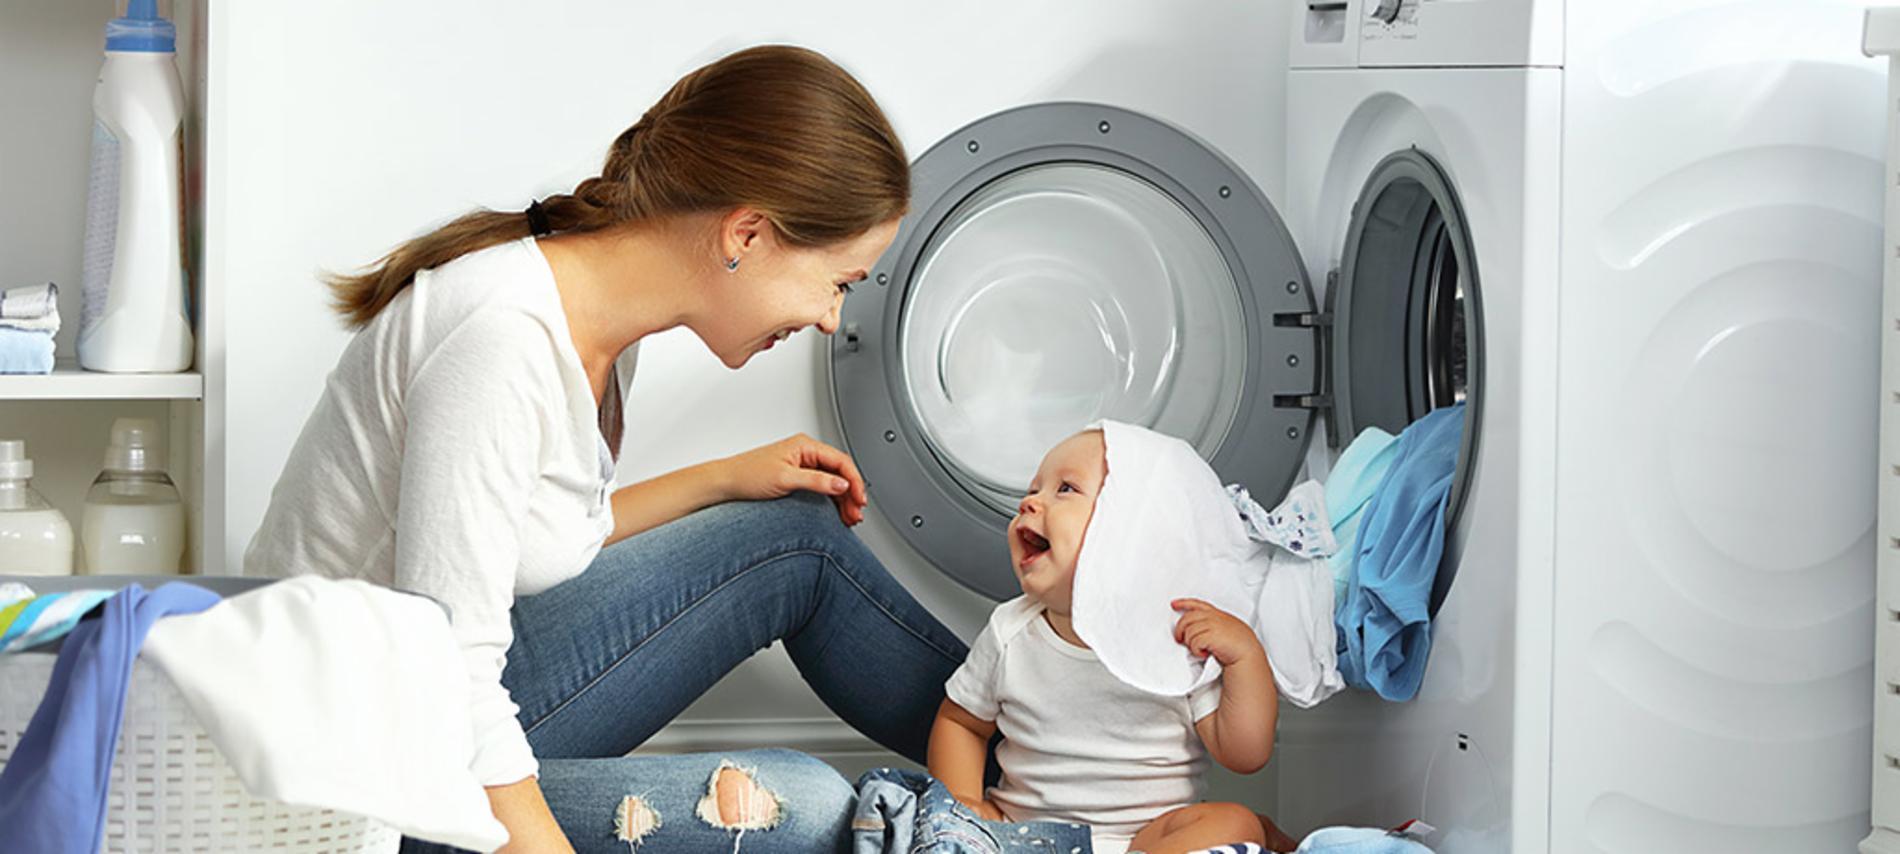 Recomendaciones Para Lavar Y Planchar La Ropa Del Bebé Diariamente Ali